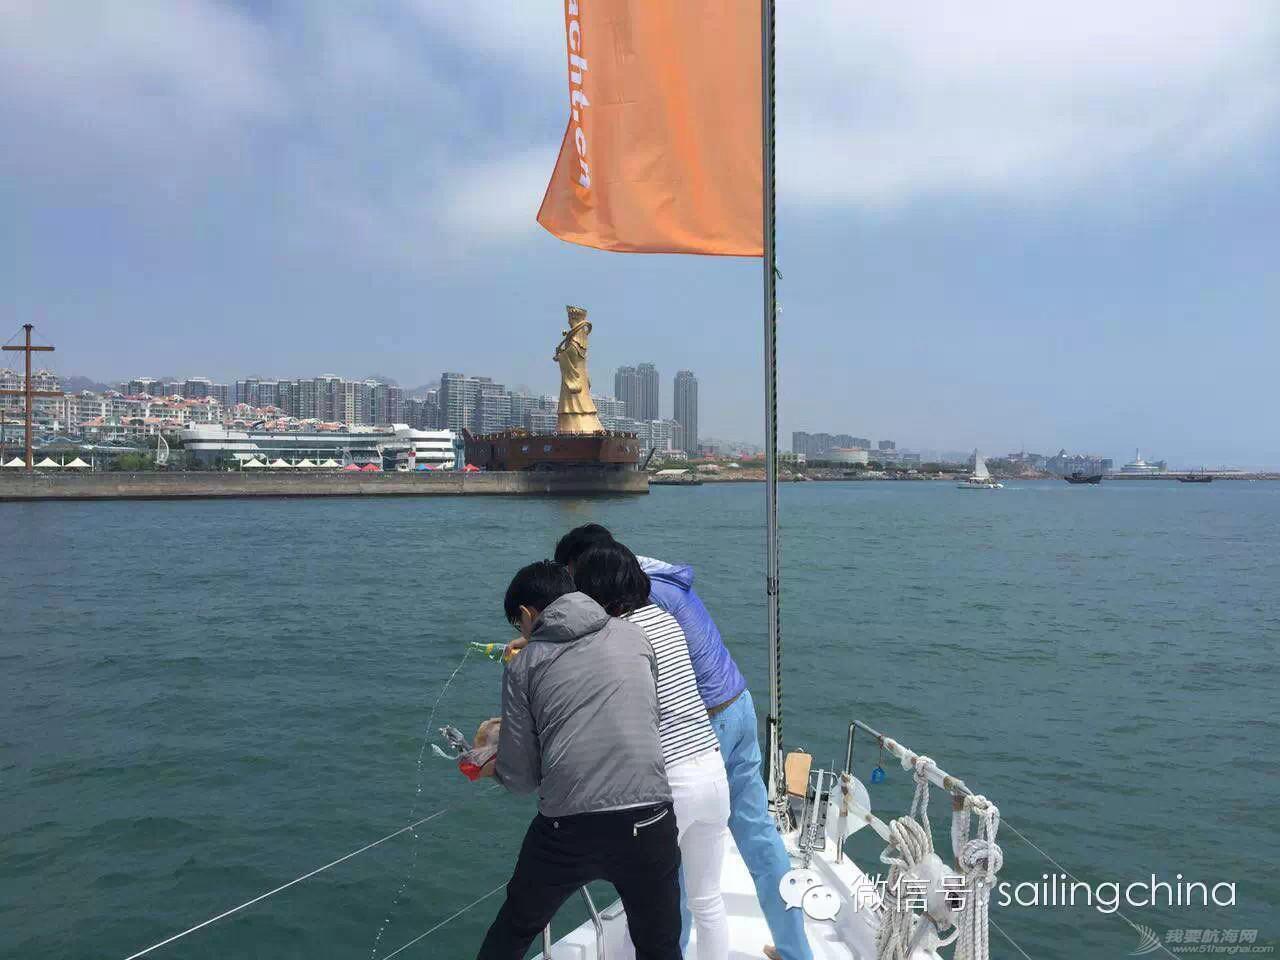 """德国汉斯帆船H575 """"HOPE""""号顺利完成试航暨交接仪式圆满成功 457e27b1e7b36324012d43b63fb733f8.jpg"""